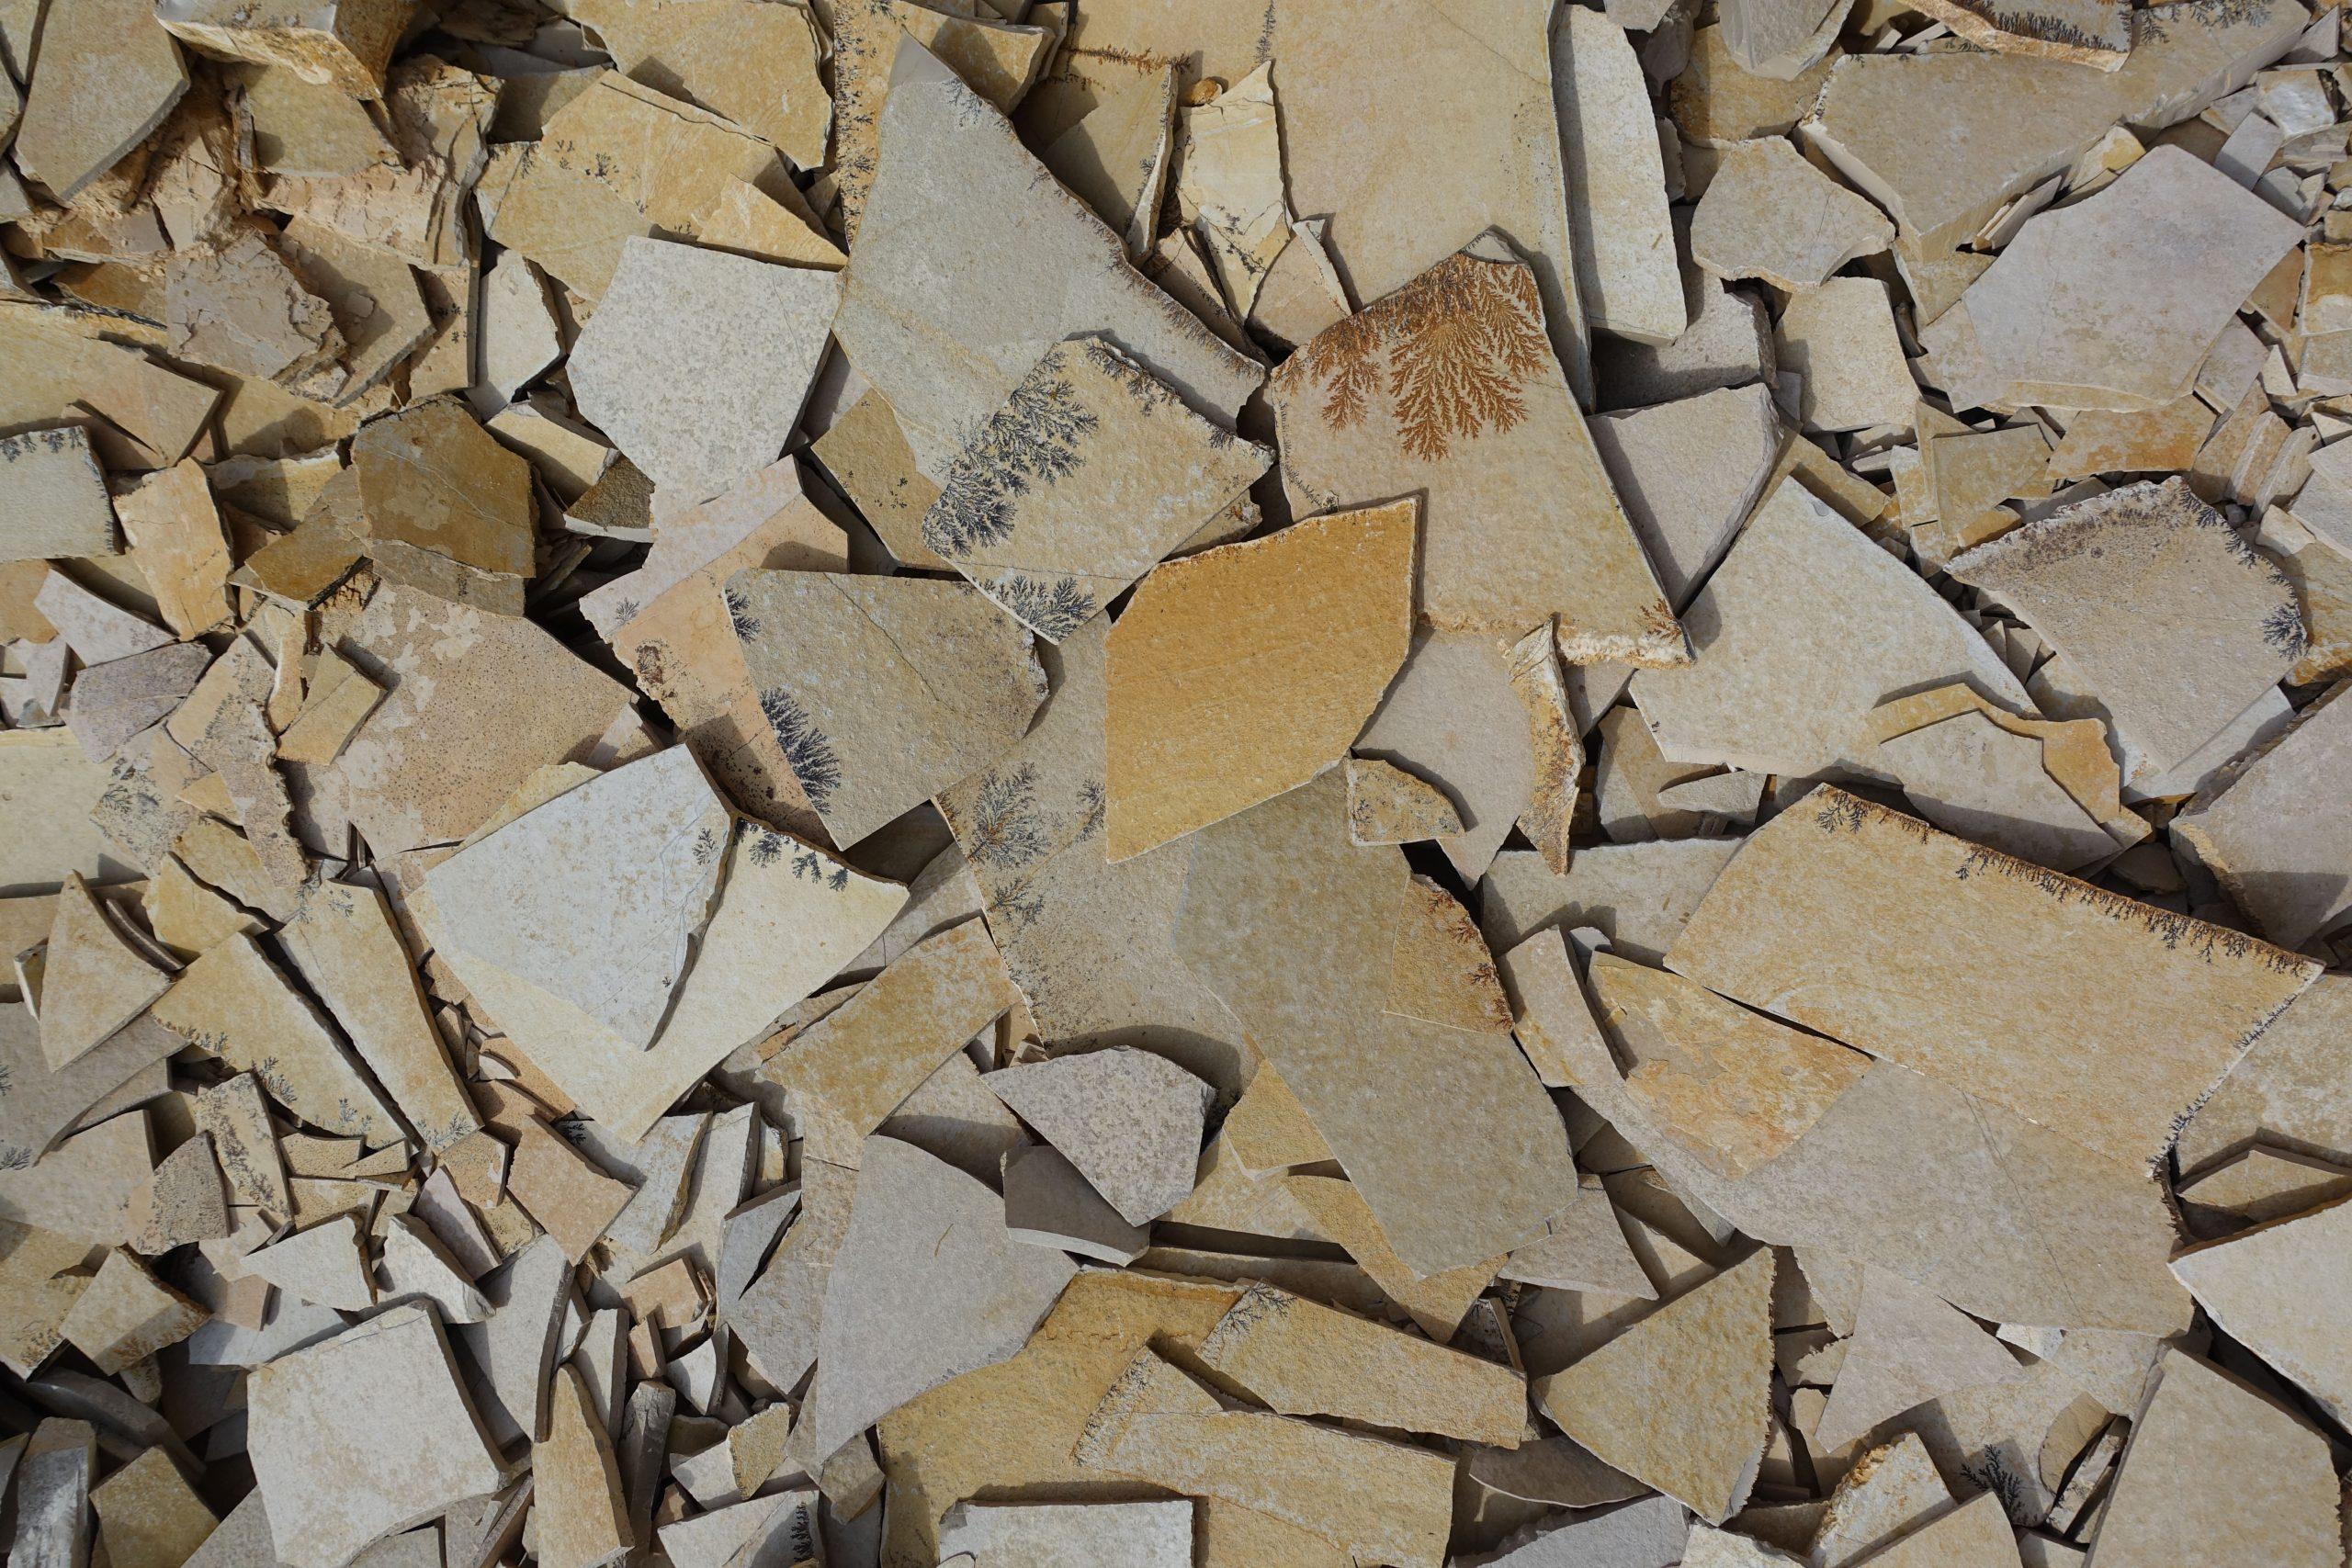 fragmenten Solnhofener kalksteen